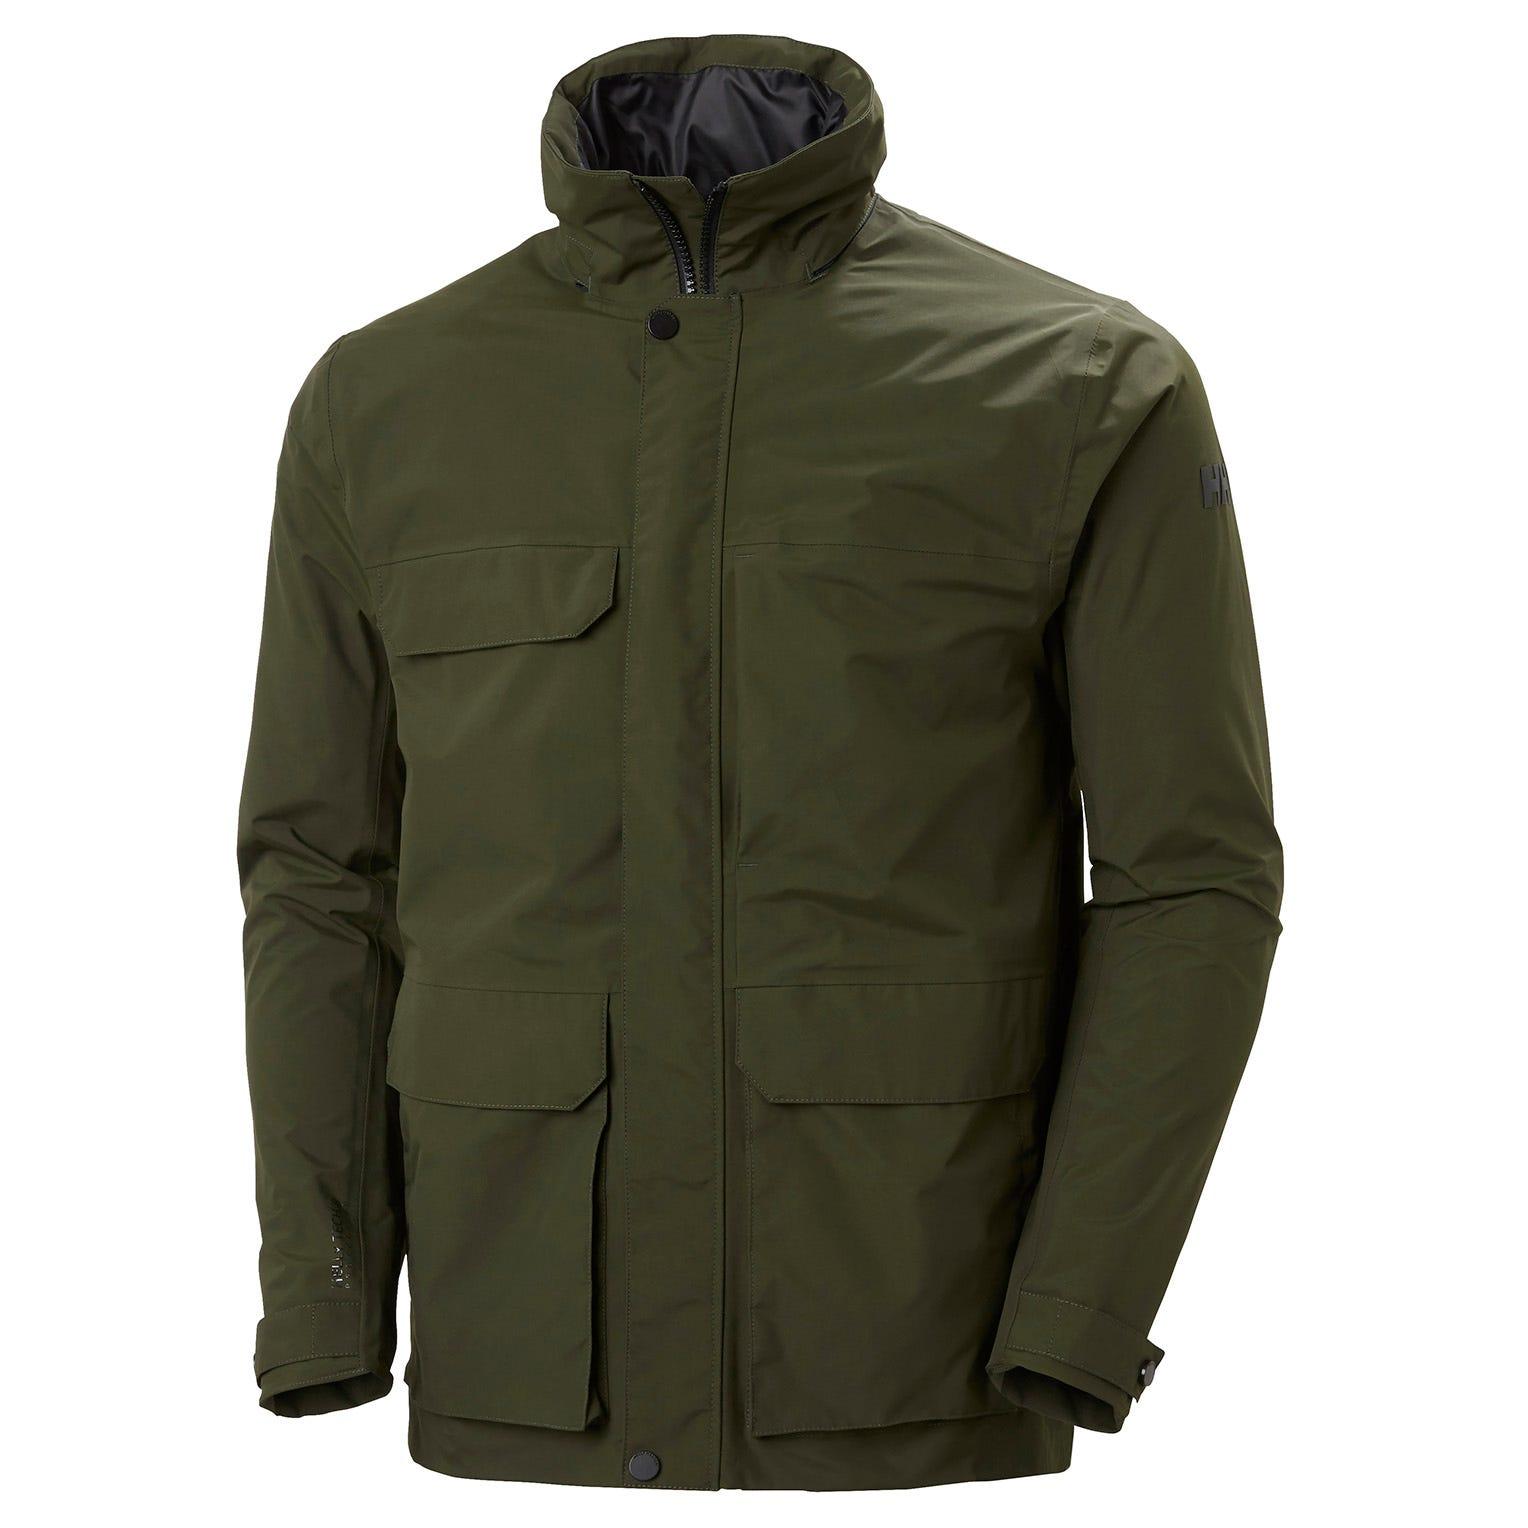 Helly Hansen Men's Utility Waterproof Rain Jacket Green XL